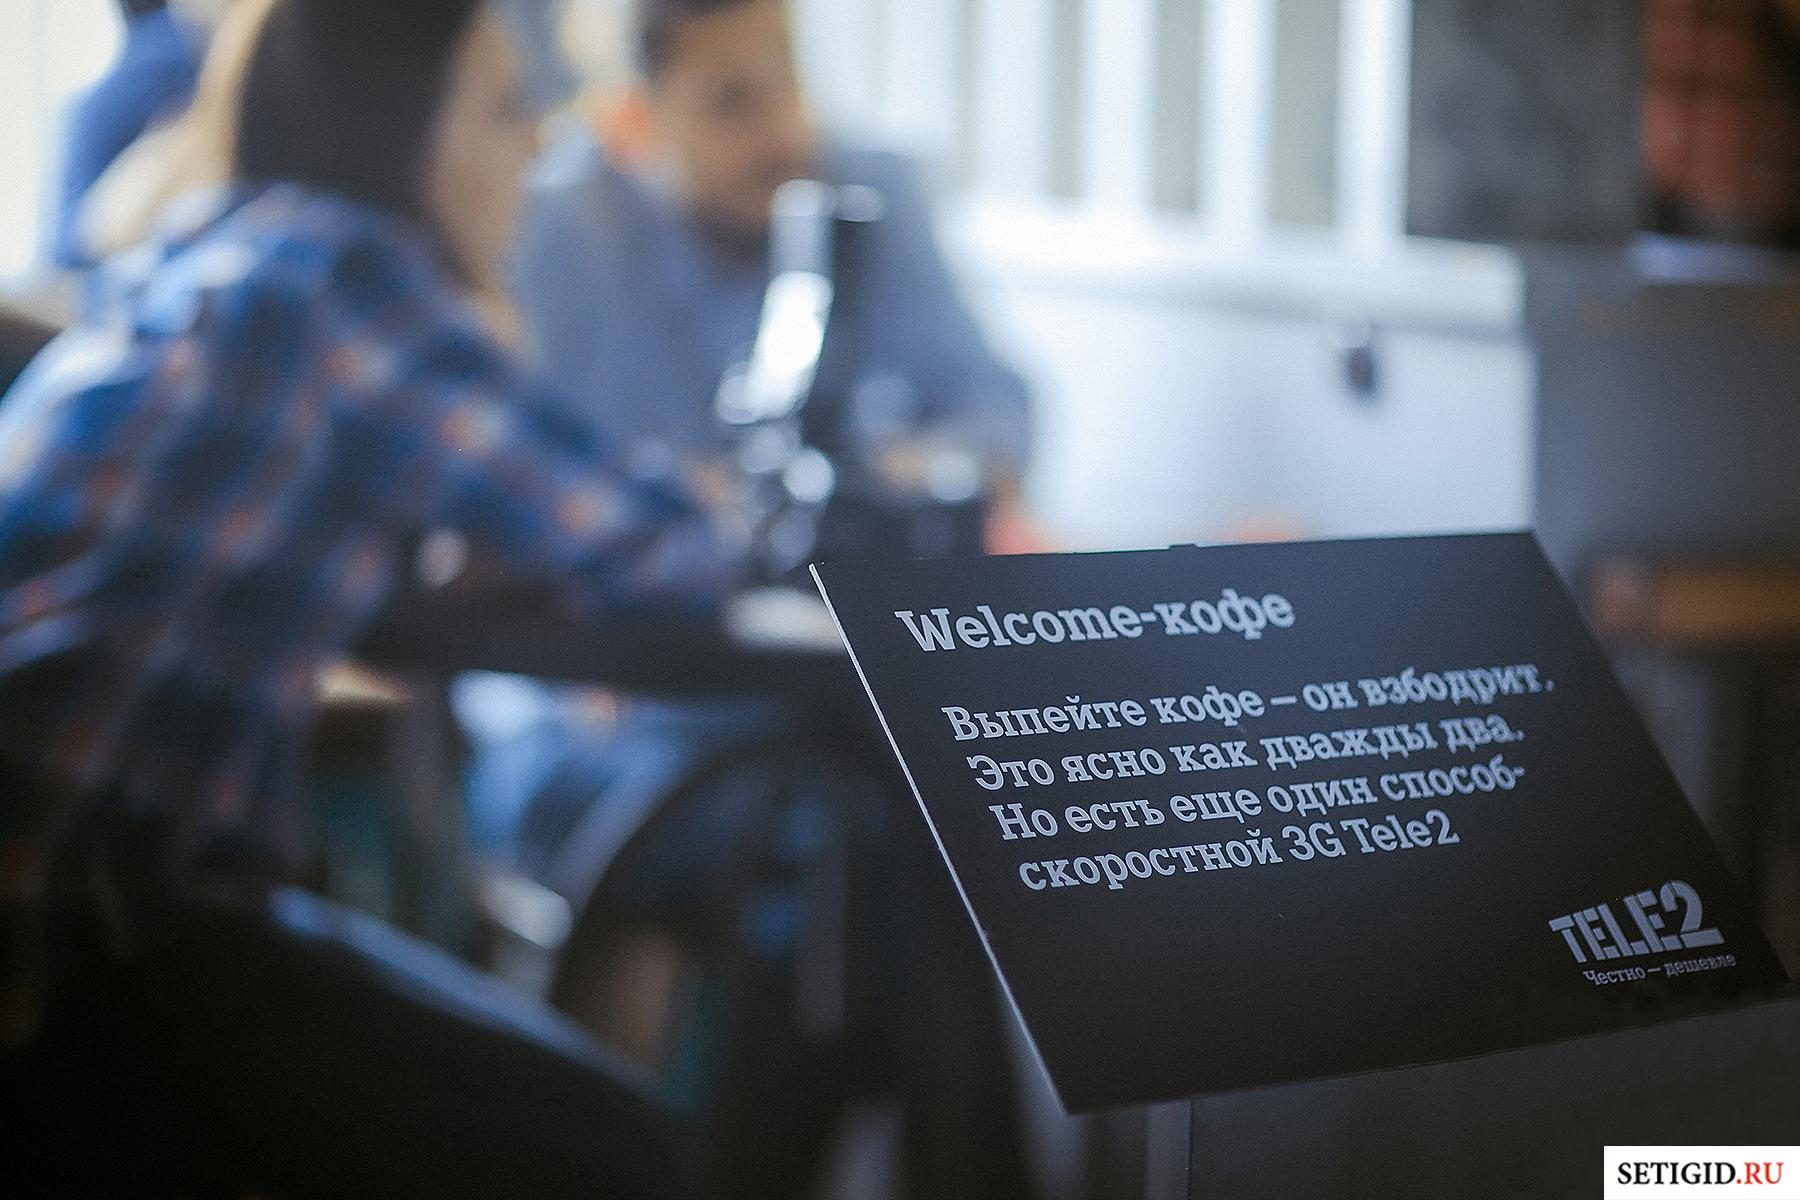 рекламная карта теле 2 в руках на фоне офиса